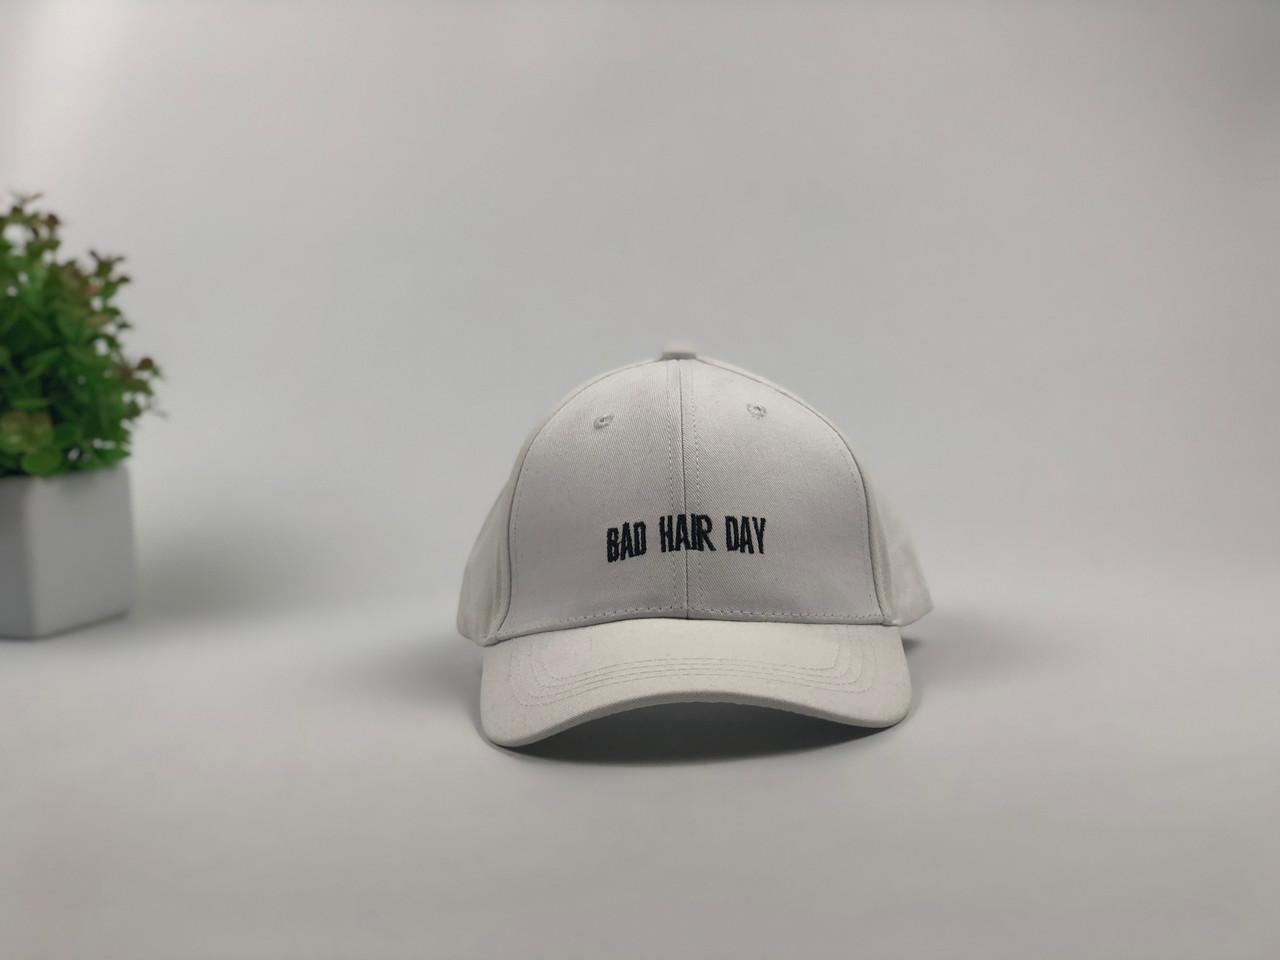 Кепка Бейсболка Мужская Женская City-A с надписью Bad Hair Day Белая